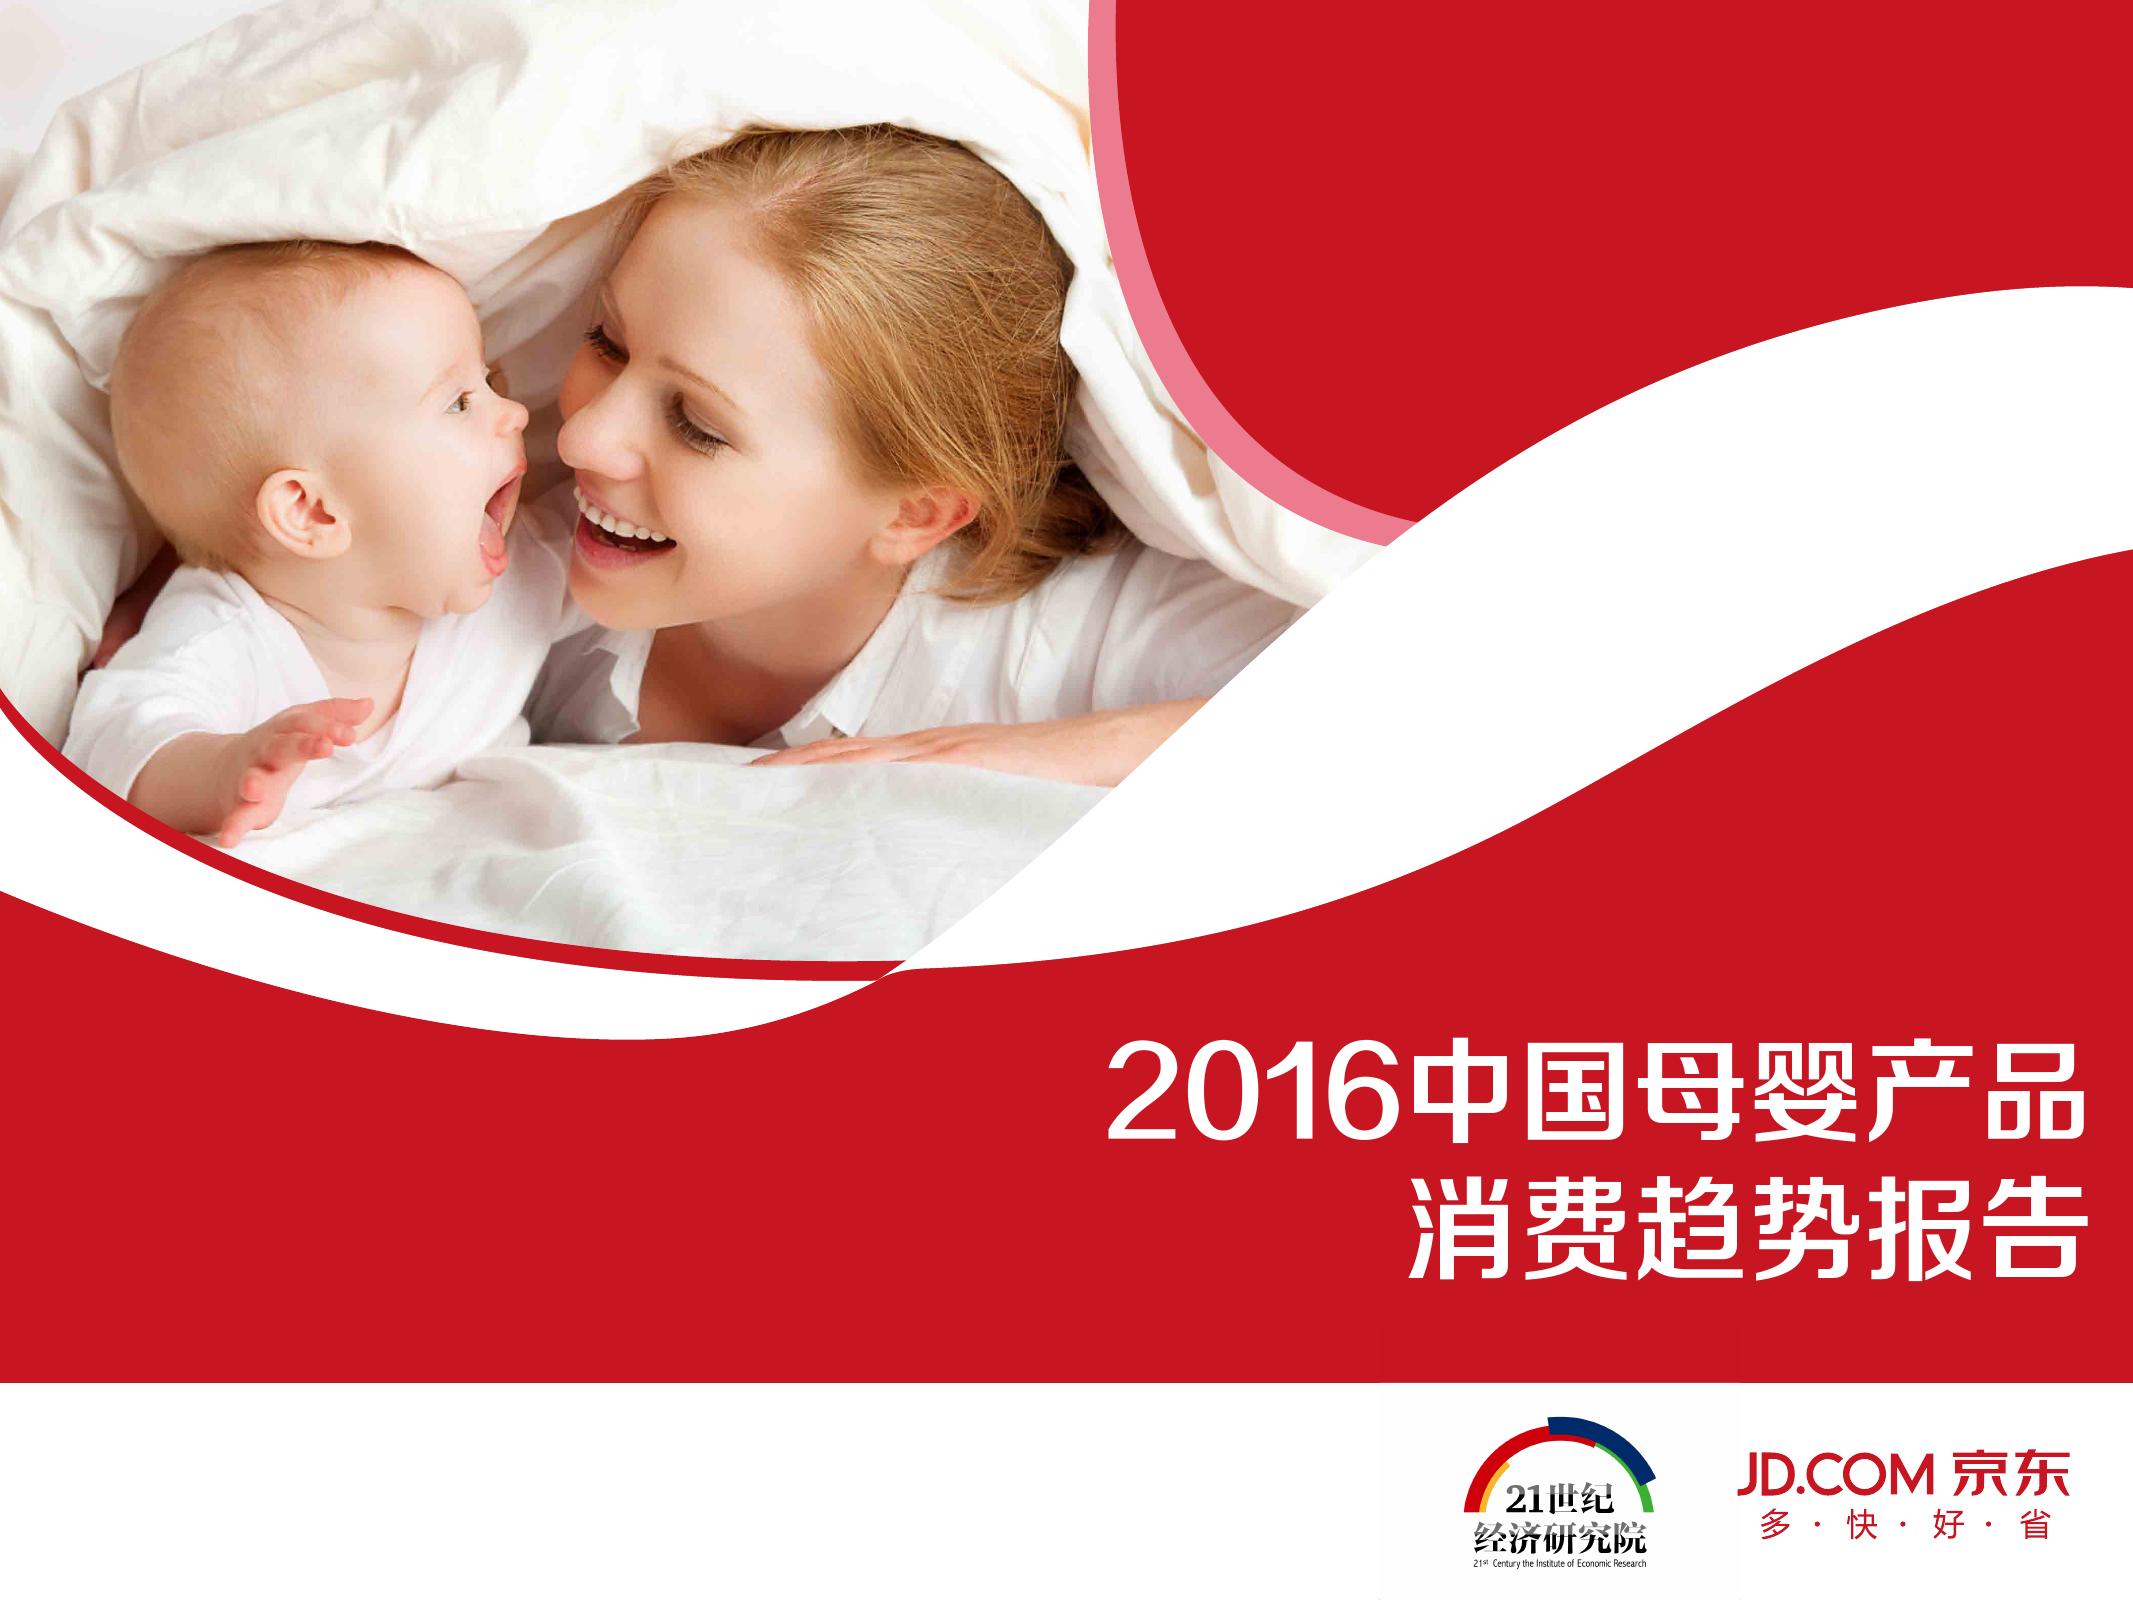 2016中国母婴产品消费趋势报告_000001